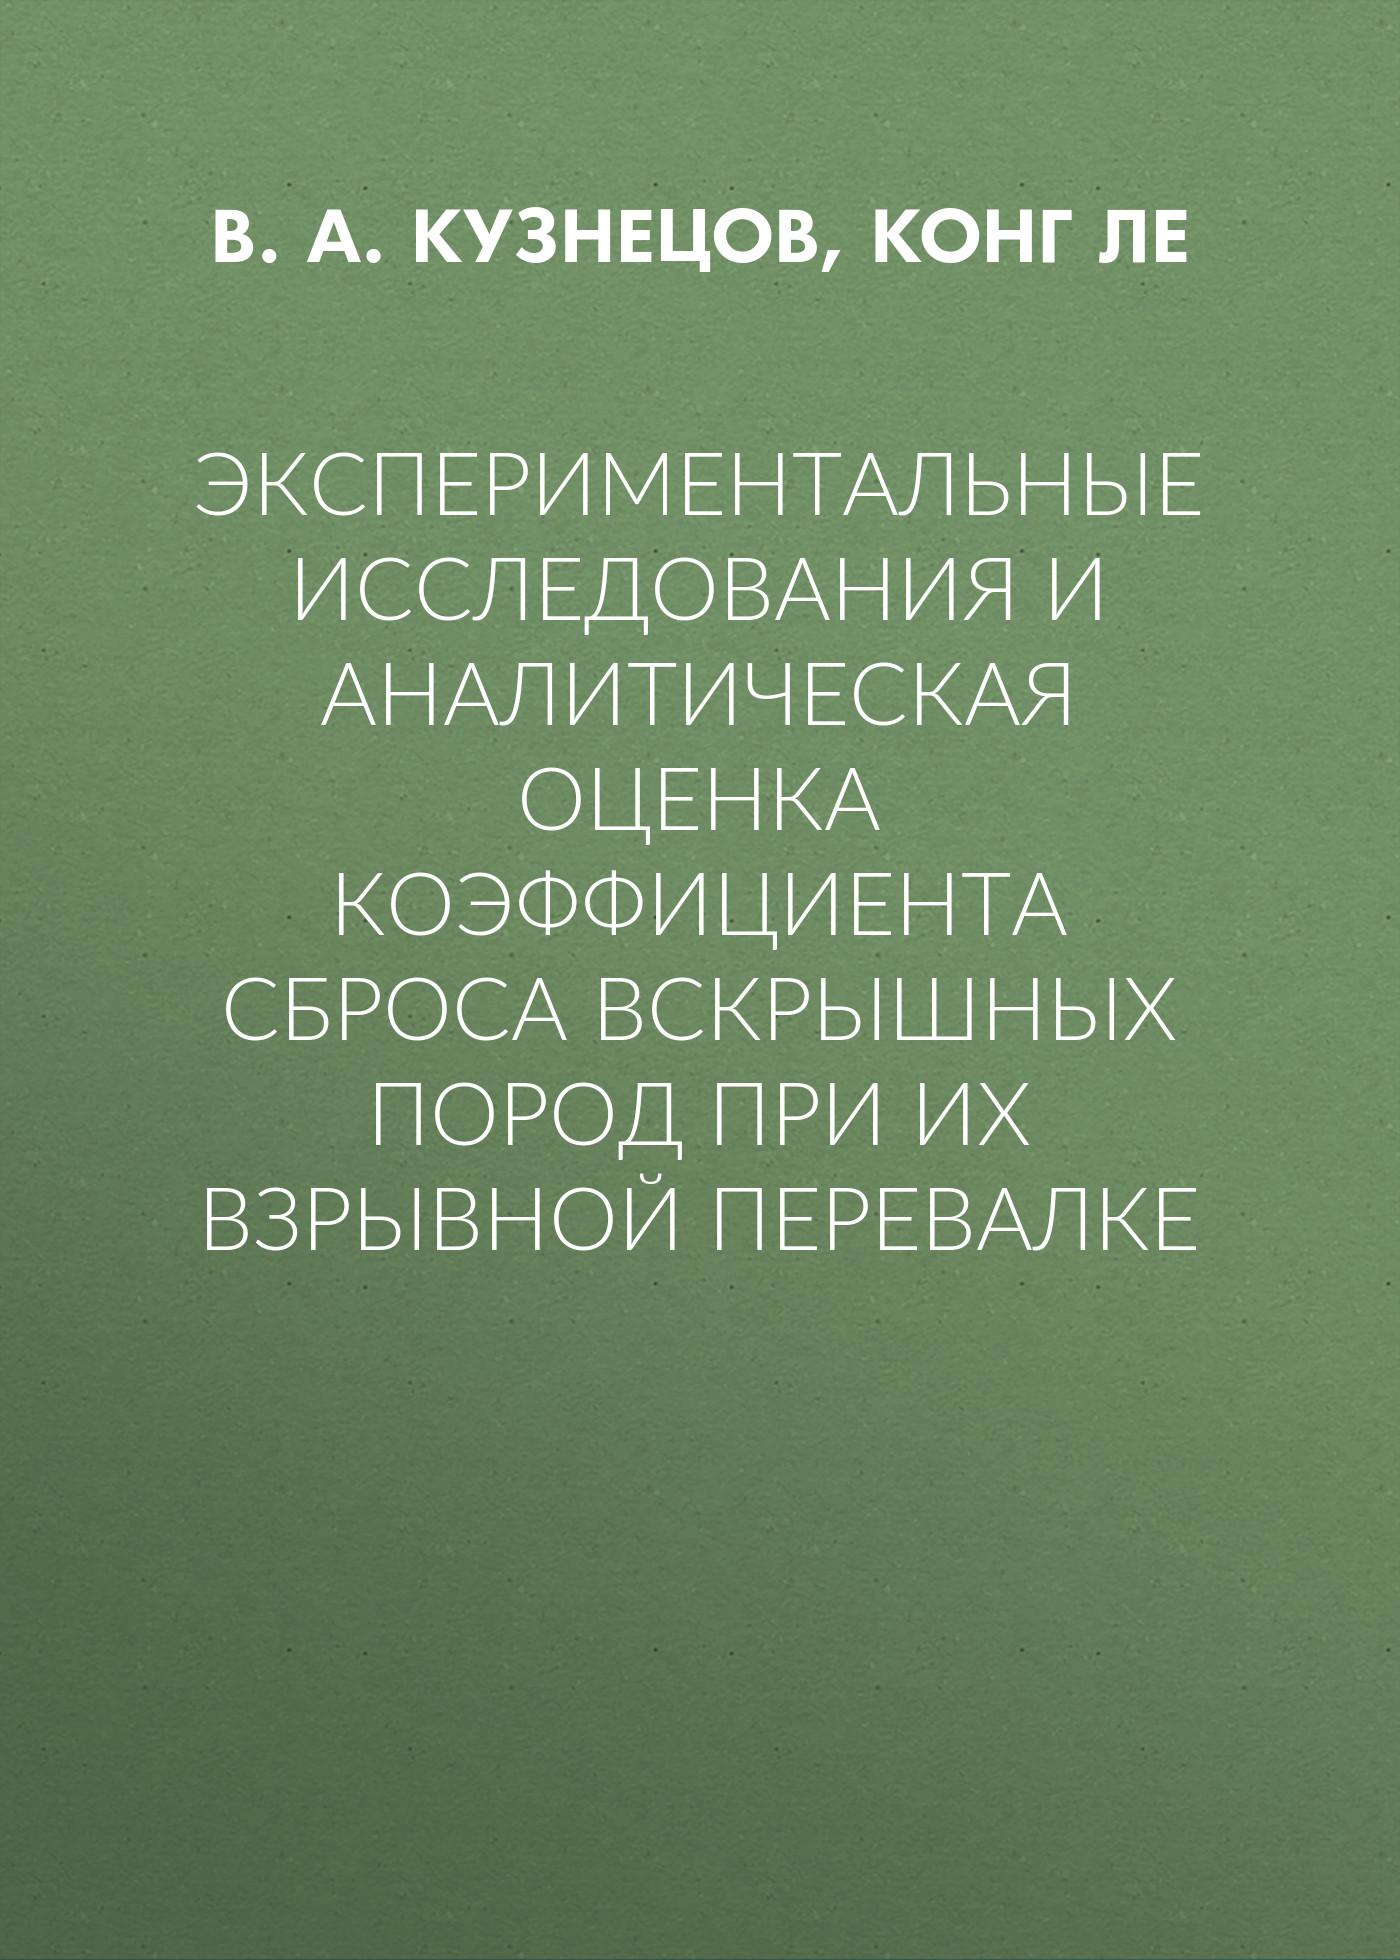 В. А. Кузнецов Экспериментальные исследования и аналитическая оценка коэффициента сброса вскрышных пород при их взрывной перевалке е в заика экспериментальные исследования памяти